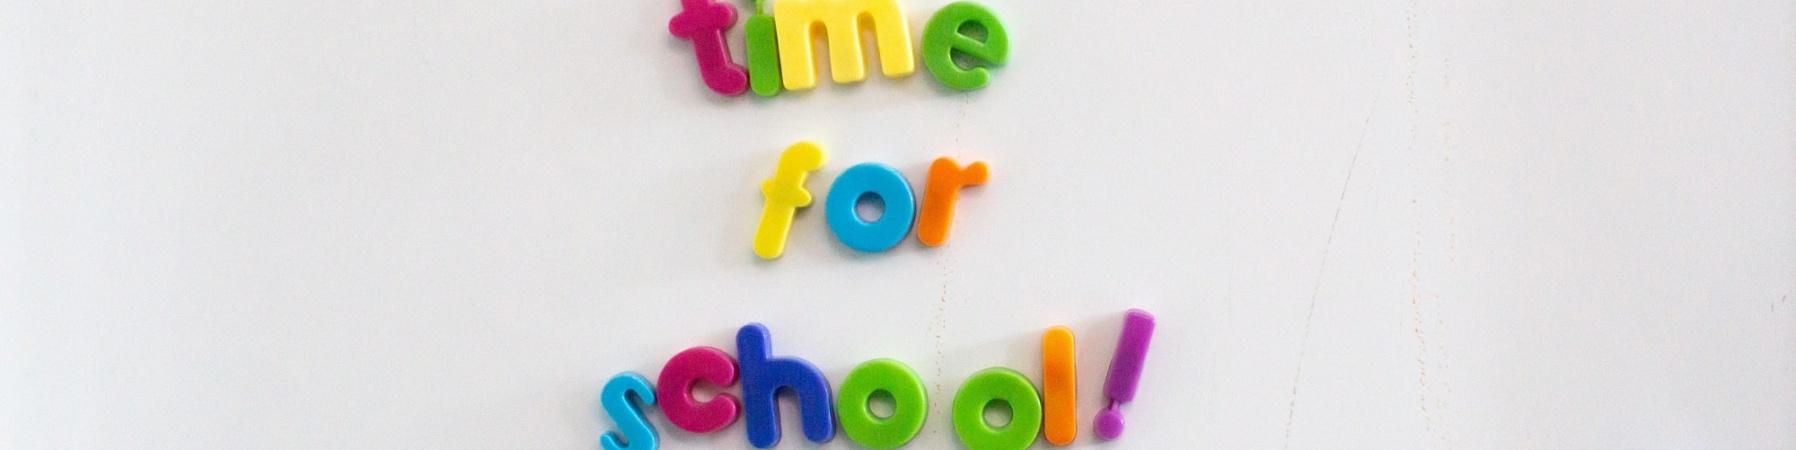 lavagna magnetica bianca con lettere colorate in basso a destra e in centro le lettere formano la scritta time for school